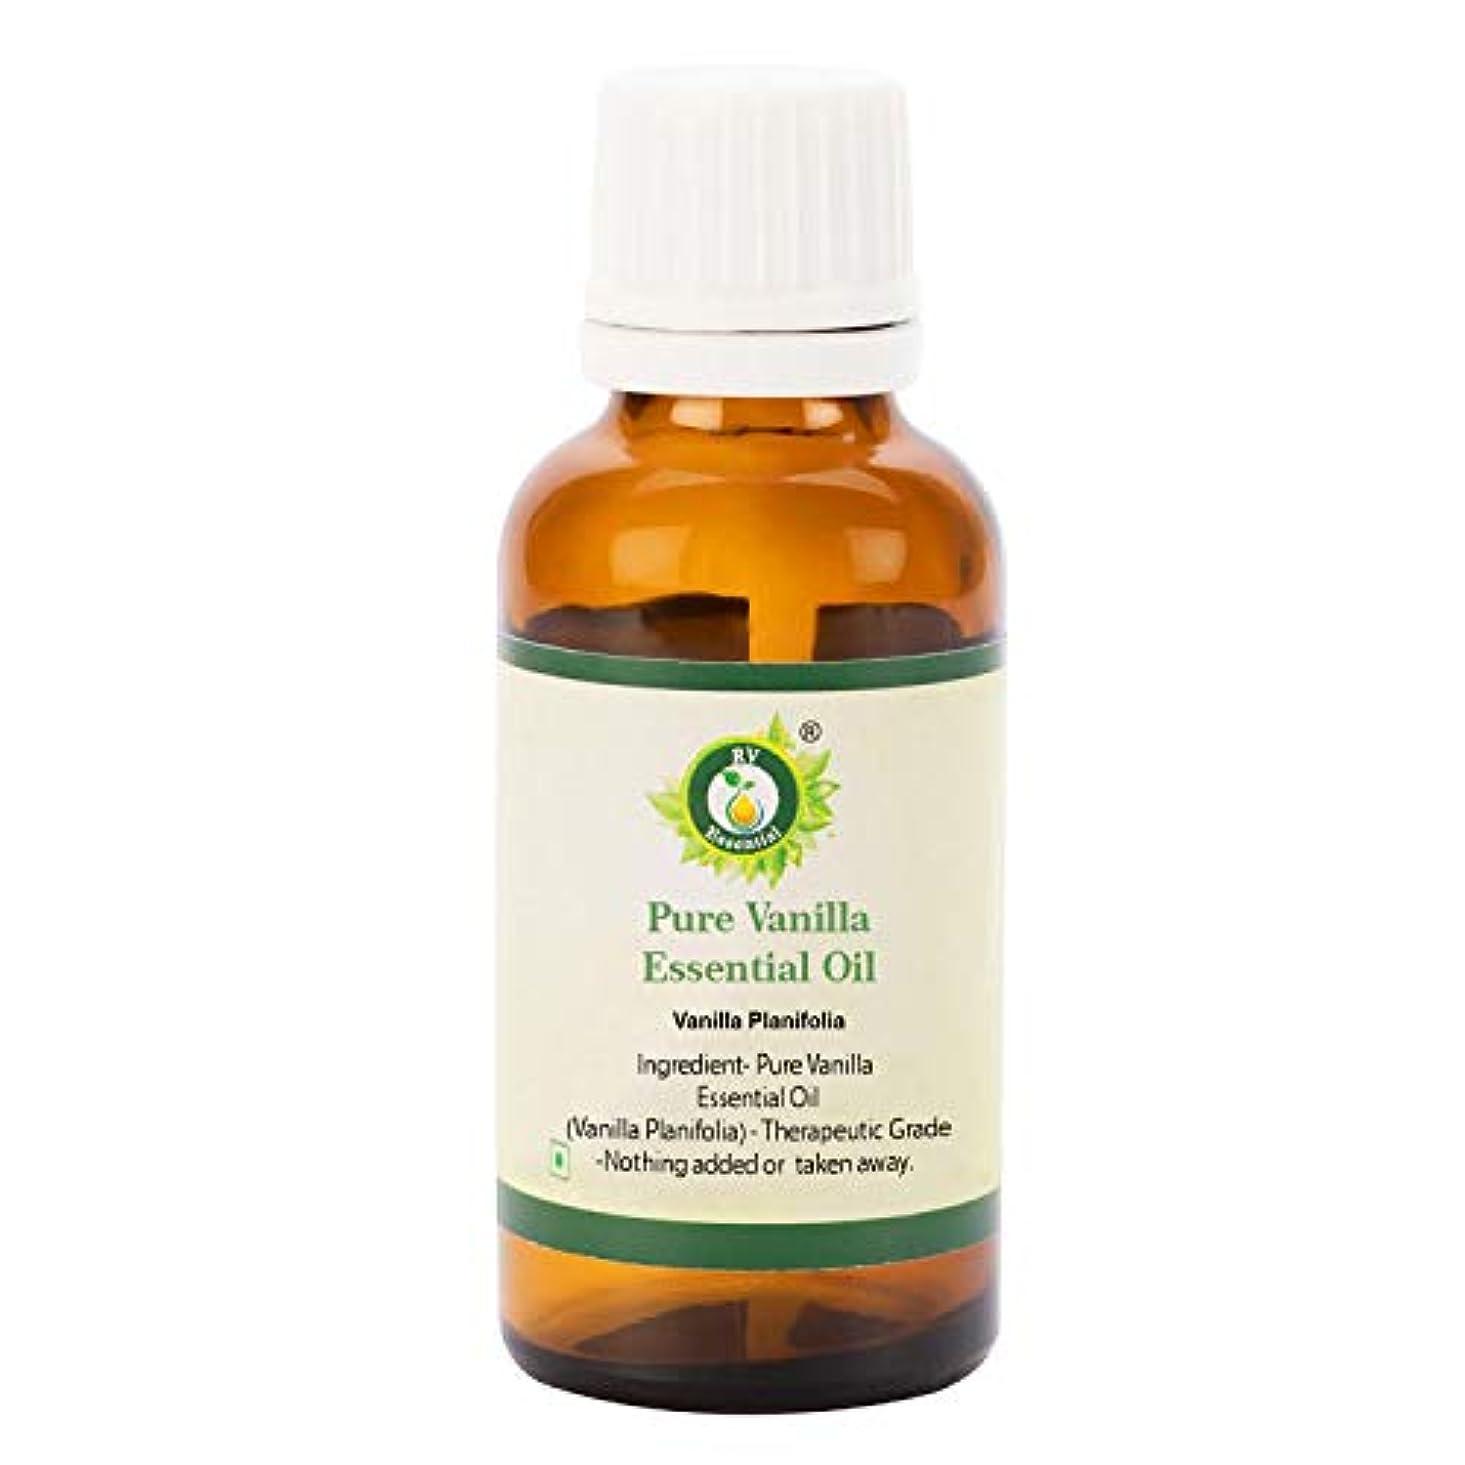 ブランク組み合わせるセッションR V Essential ピュアバニラエッセンシャルオイル100ml (3.38oz)- Vanilla Planifolia (100%純粋&天然) Pure Vanilla Essential Oil